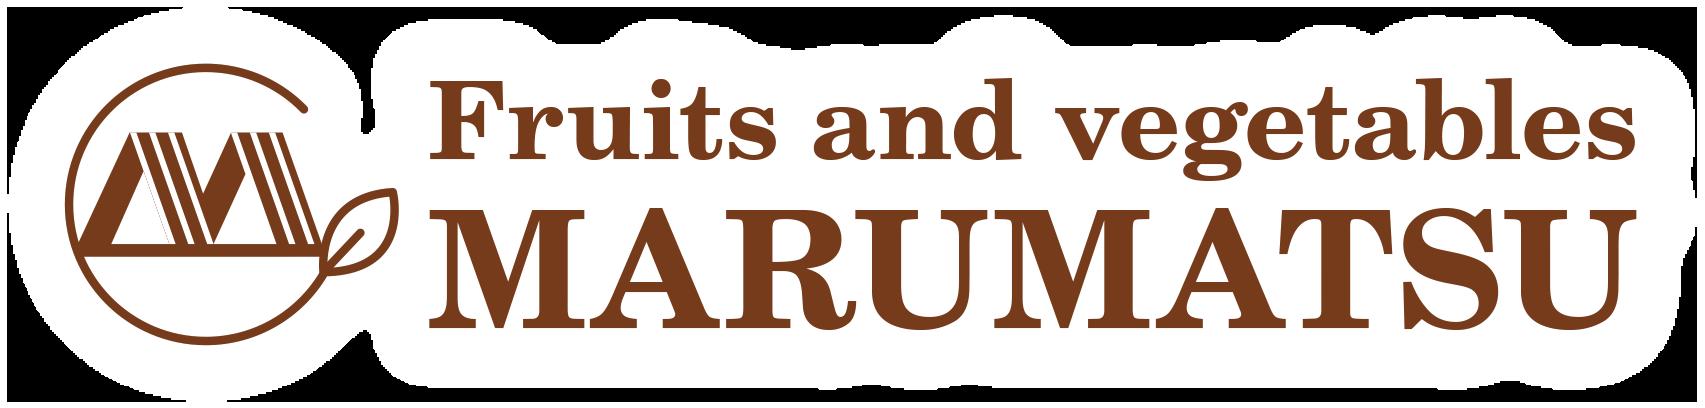 MARUMATSUロゴ